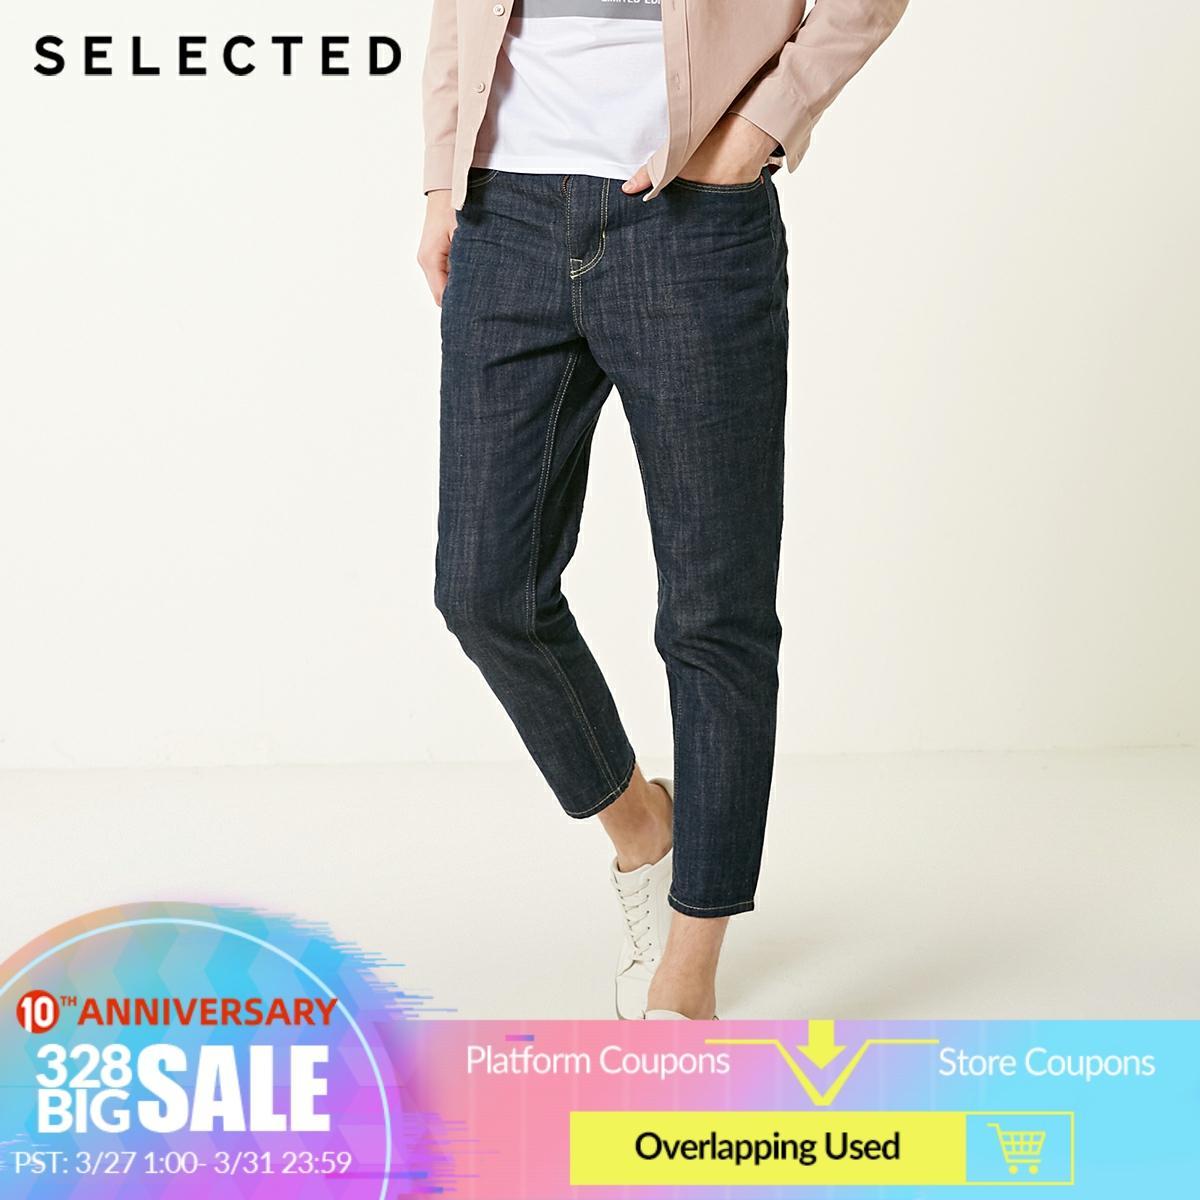 SELECTED Men's Summer Loose Fit Denim Pants 100% Cotton Crop Jeans C 419232504